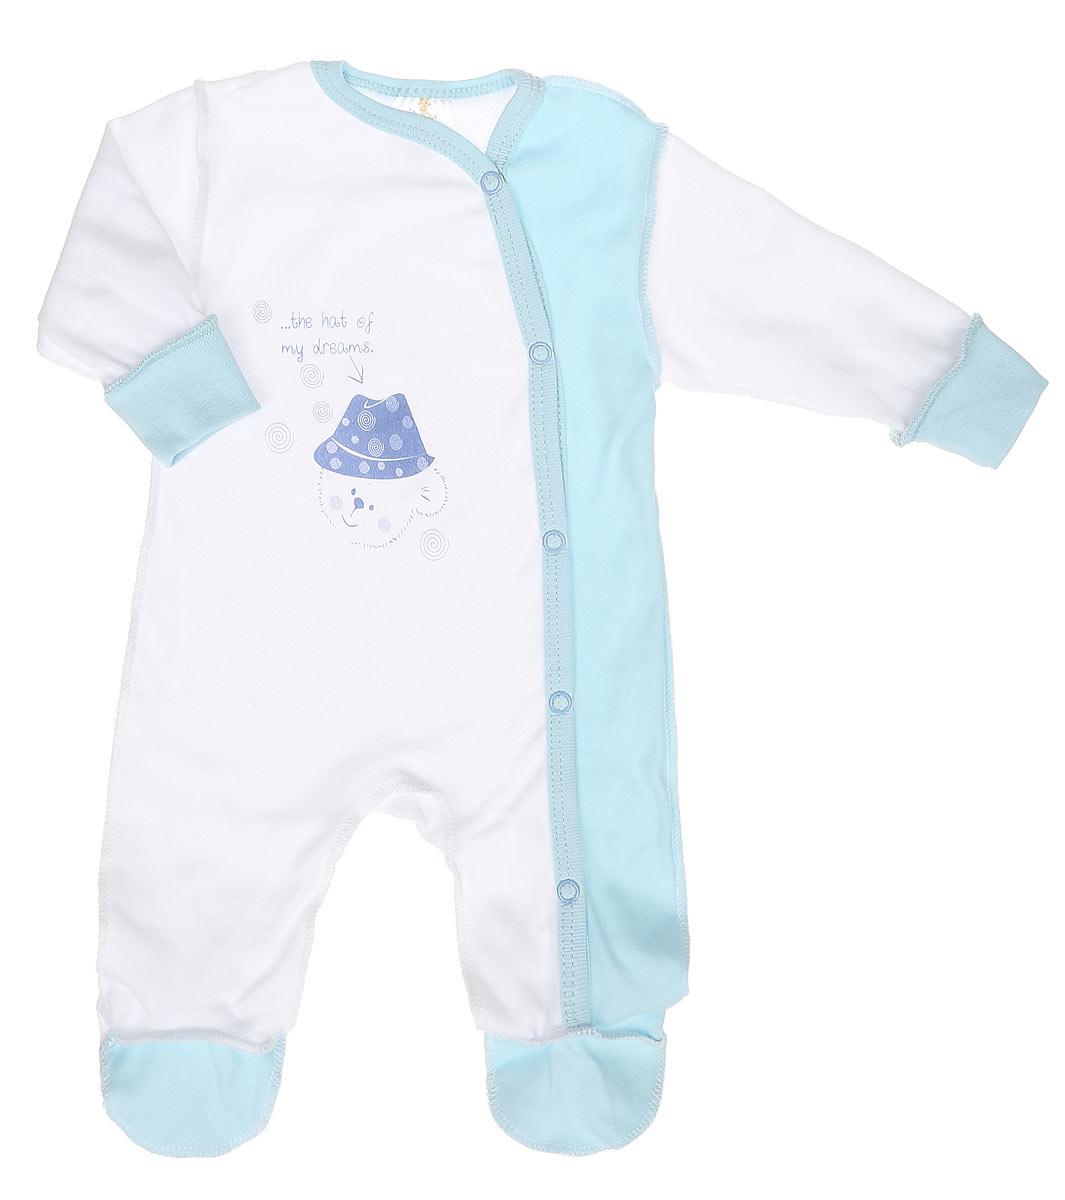 Комбинезон детский КотМарКот Мишка в шляпе, цвет: белый, голубой. 3674. Размер 80, 9-12 месяцев3674Удобный комбинезон КотМарКот Мишка в шляпе идеально подойдет вашему младенцу, обеспечивая ему максимальный комфорт. Изготовленный из интерлока - натурального хлопка, он очень мягкий на ощупь, не раздражает даже самую нежную и чувствительную кожу ребенка.Комбинезон с длинными рукавами, V-образным вырезом горловины и закрытыми ножками имеет застежки-кнопки от горловины до щиколотки, которые помогают легко переодеть младенца или сменить подгузник. Низ рукавов дополнен широкими трикотажными манжетами. Спереди он оформлен принтом с изображением медвежонка, а также принтовой надписью на английском языке. С комбинезоном спинка и ножки вашего крохи всегда будут в тепле.Современный дизайн и модная расцветка делают этот комбинезон незаменимым предметом детского гардероба. В нем ваш ребенок всегда будет в центре внимания! УВАЖАЕМЫЕ КЛИЕНТЫ! Обращаем ваше внимание на тот факт, что для самых маленьких размеров швы изделия выполнены наружу.